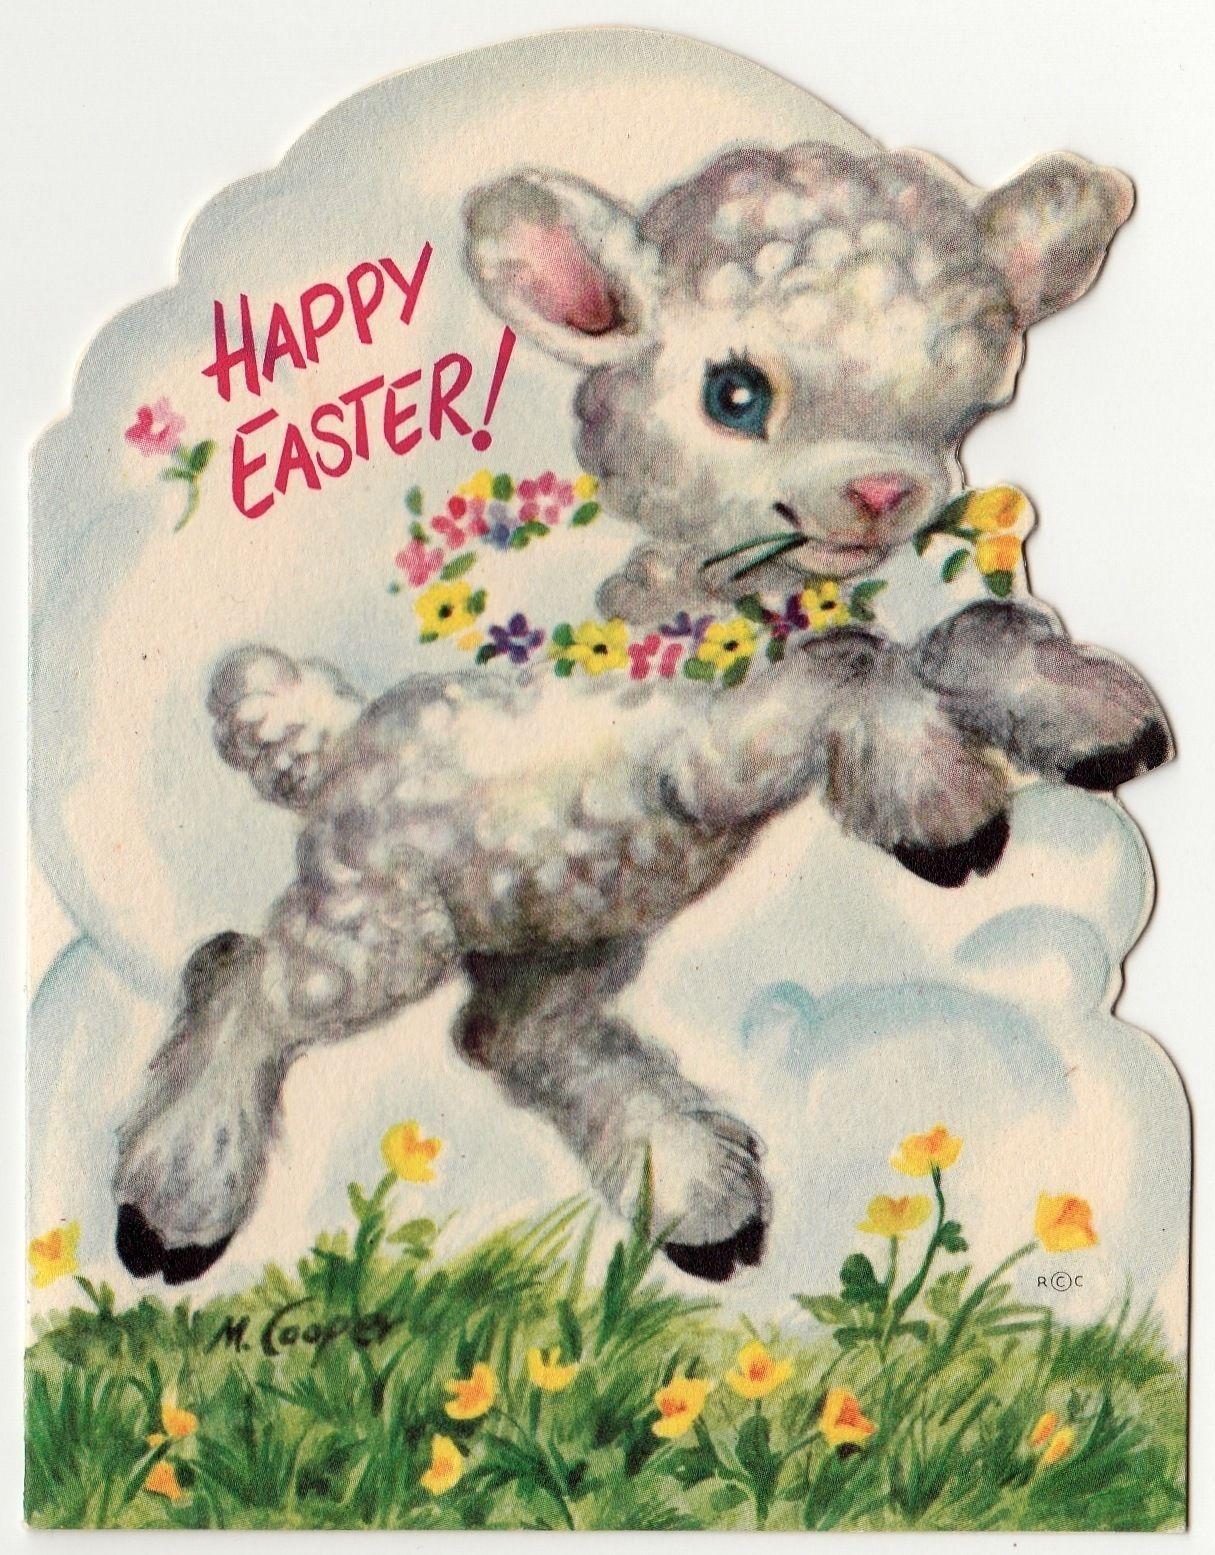 Vintage Greeting Card Easter Cute Lamb Sheep Die Cut M Marjorie Cooper A380